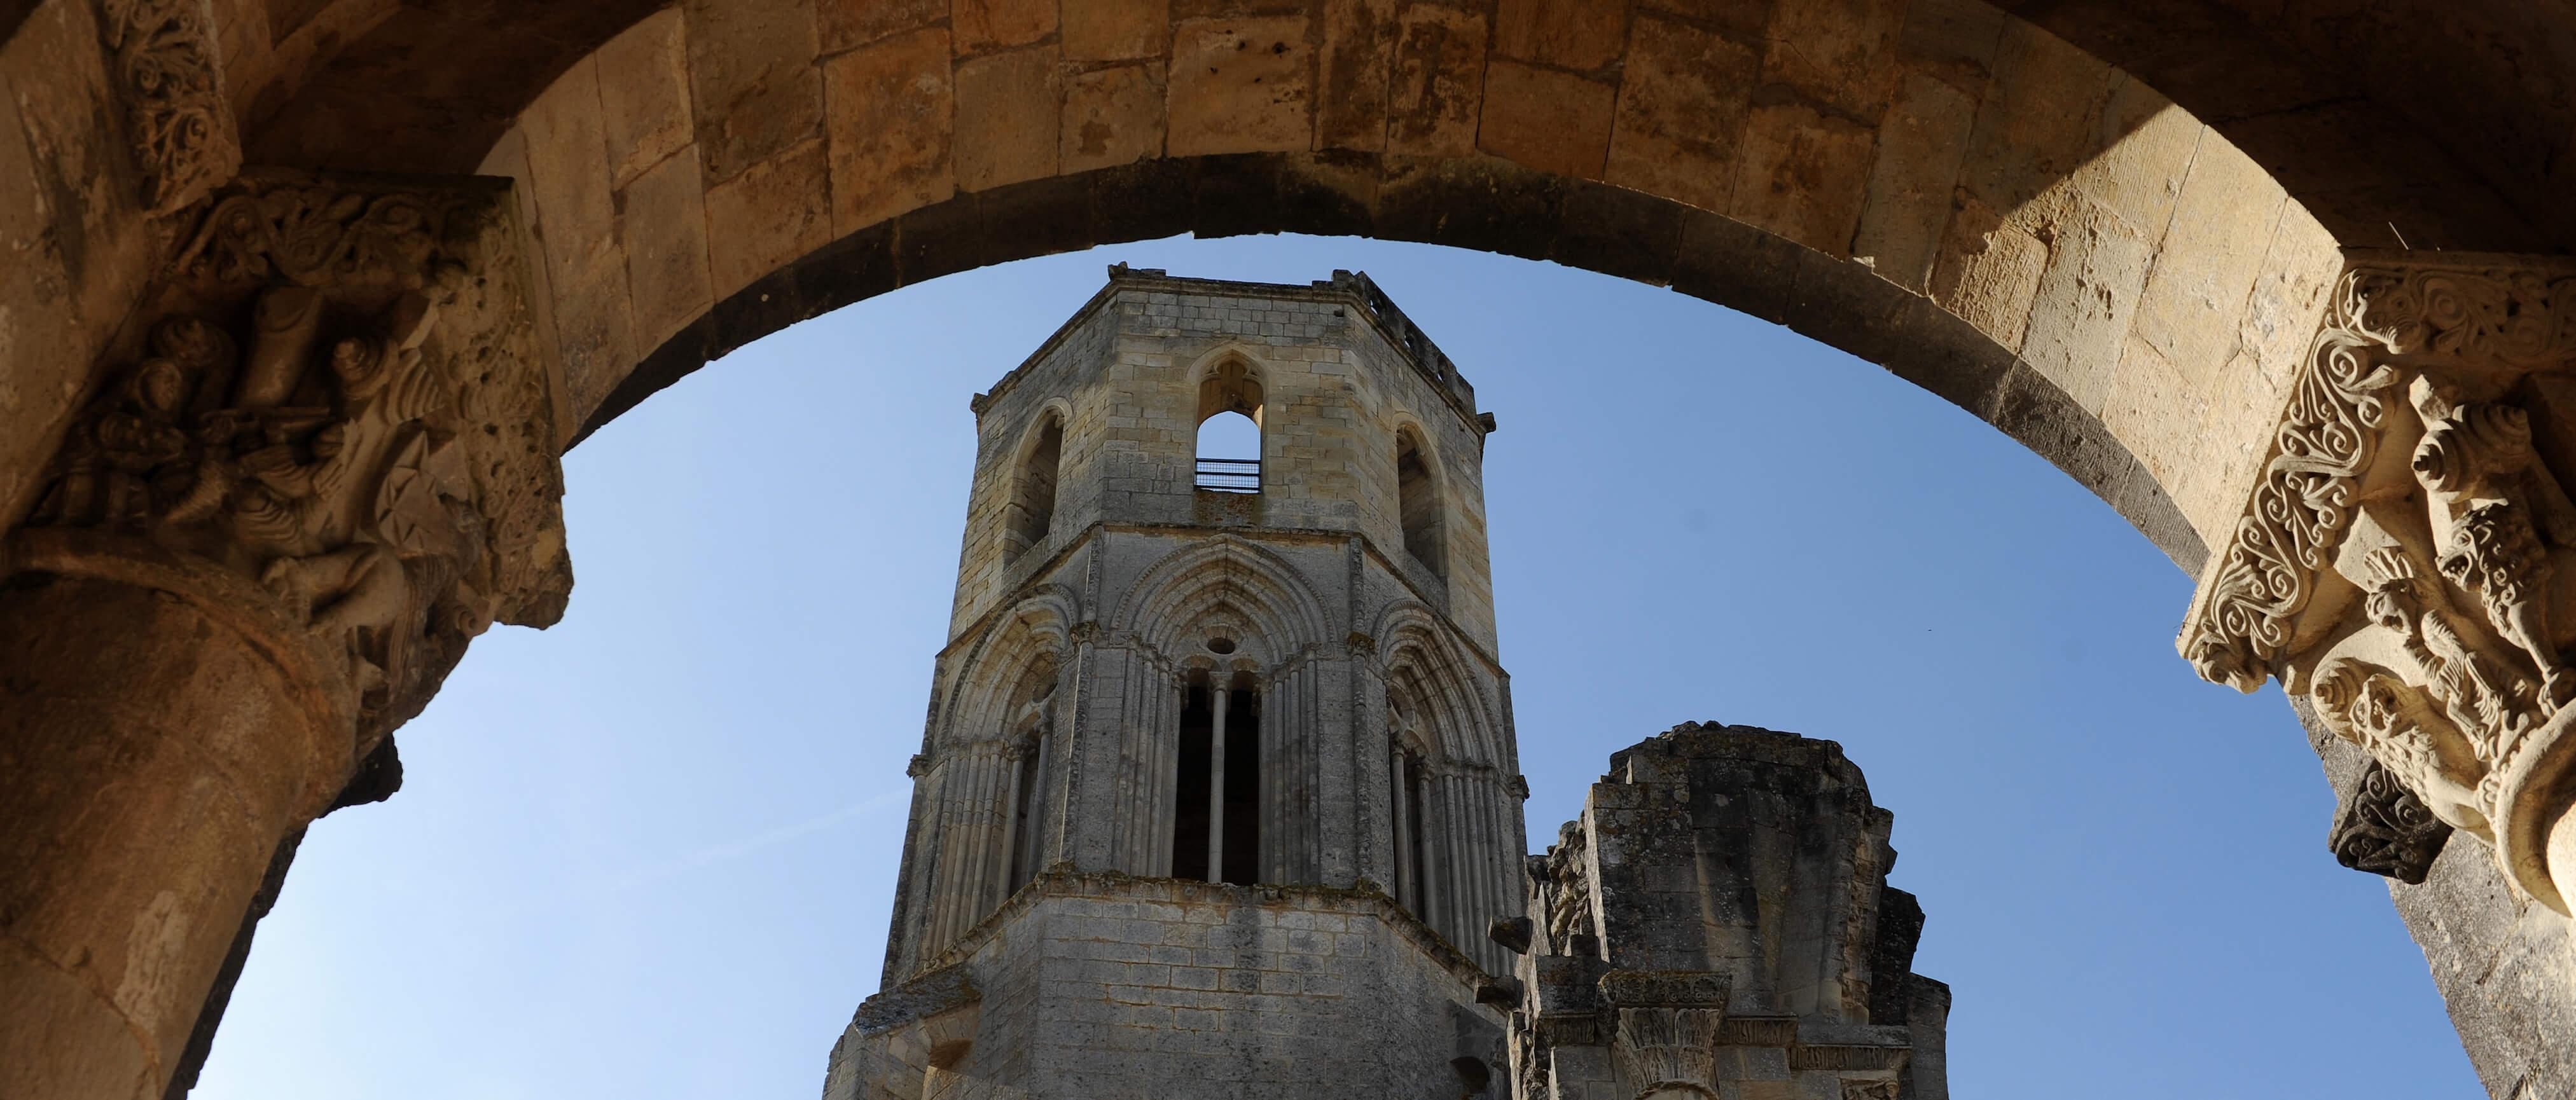 Ancienne abbaye Notre-Dame-de-la-Sauve-Majeure©ACIR / JJ Gelbart